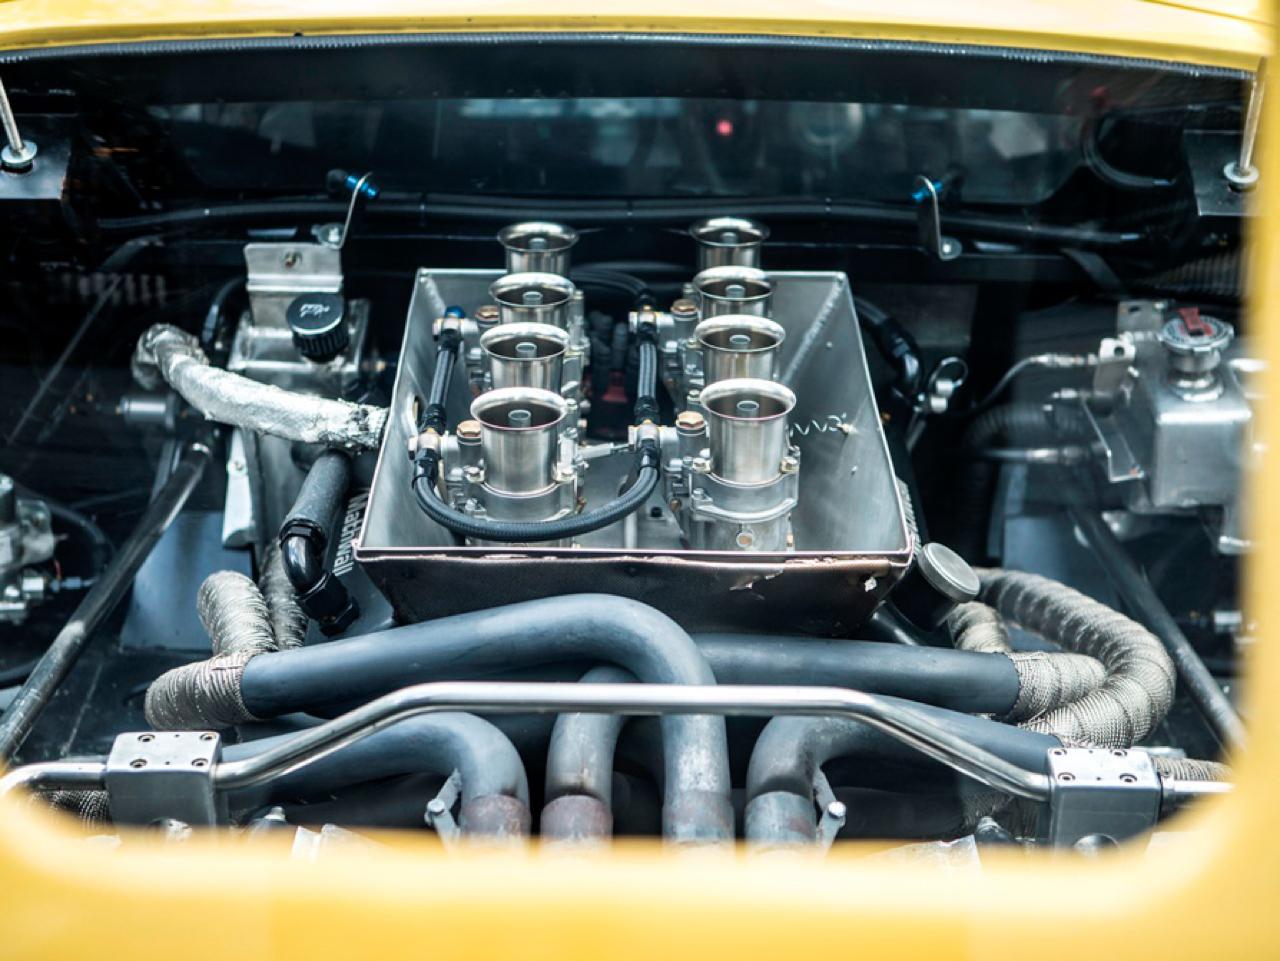 '68 Ford GT40 - Racing queen... 11